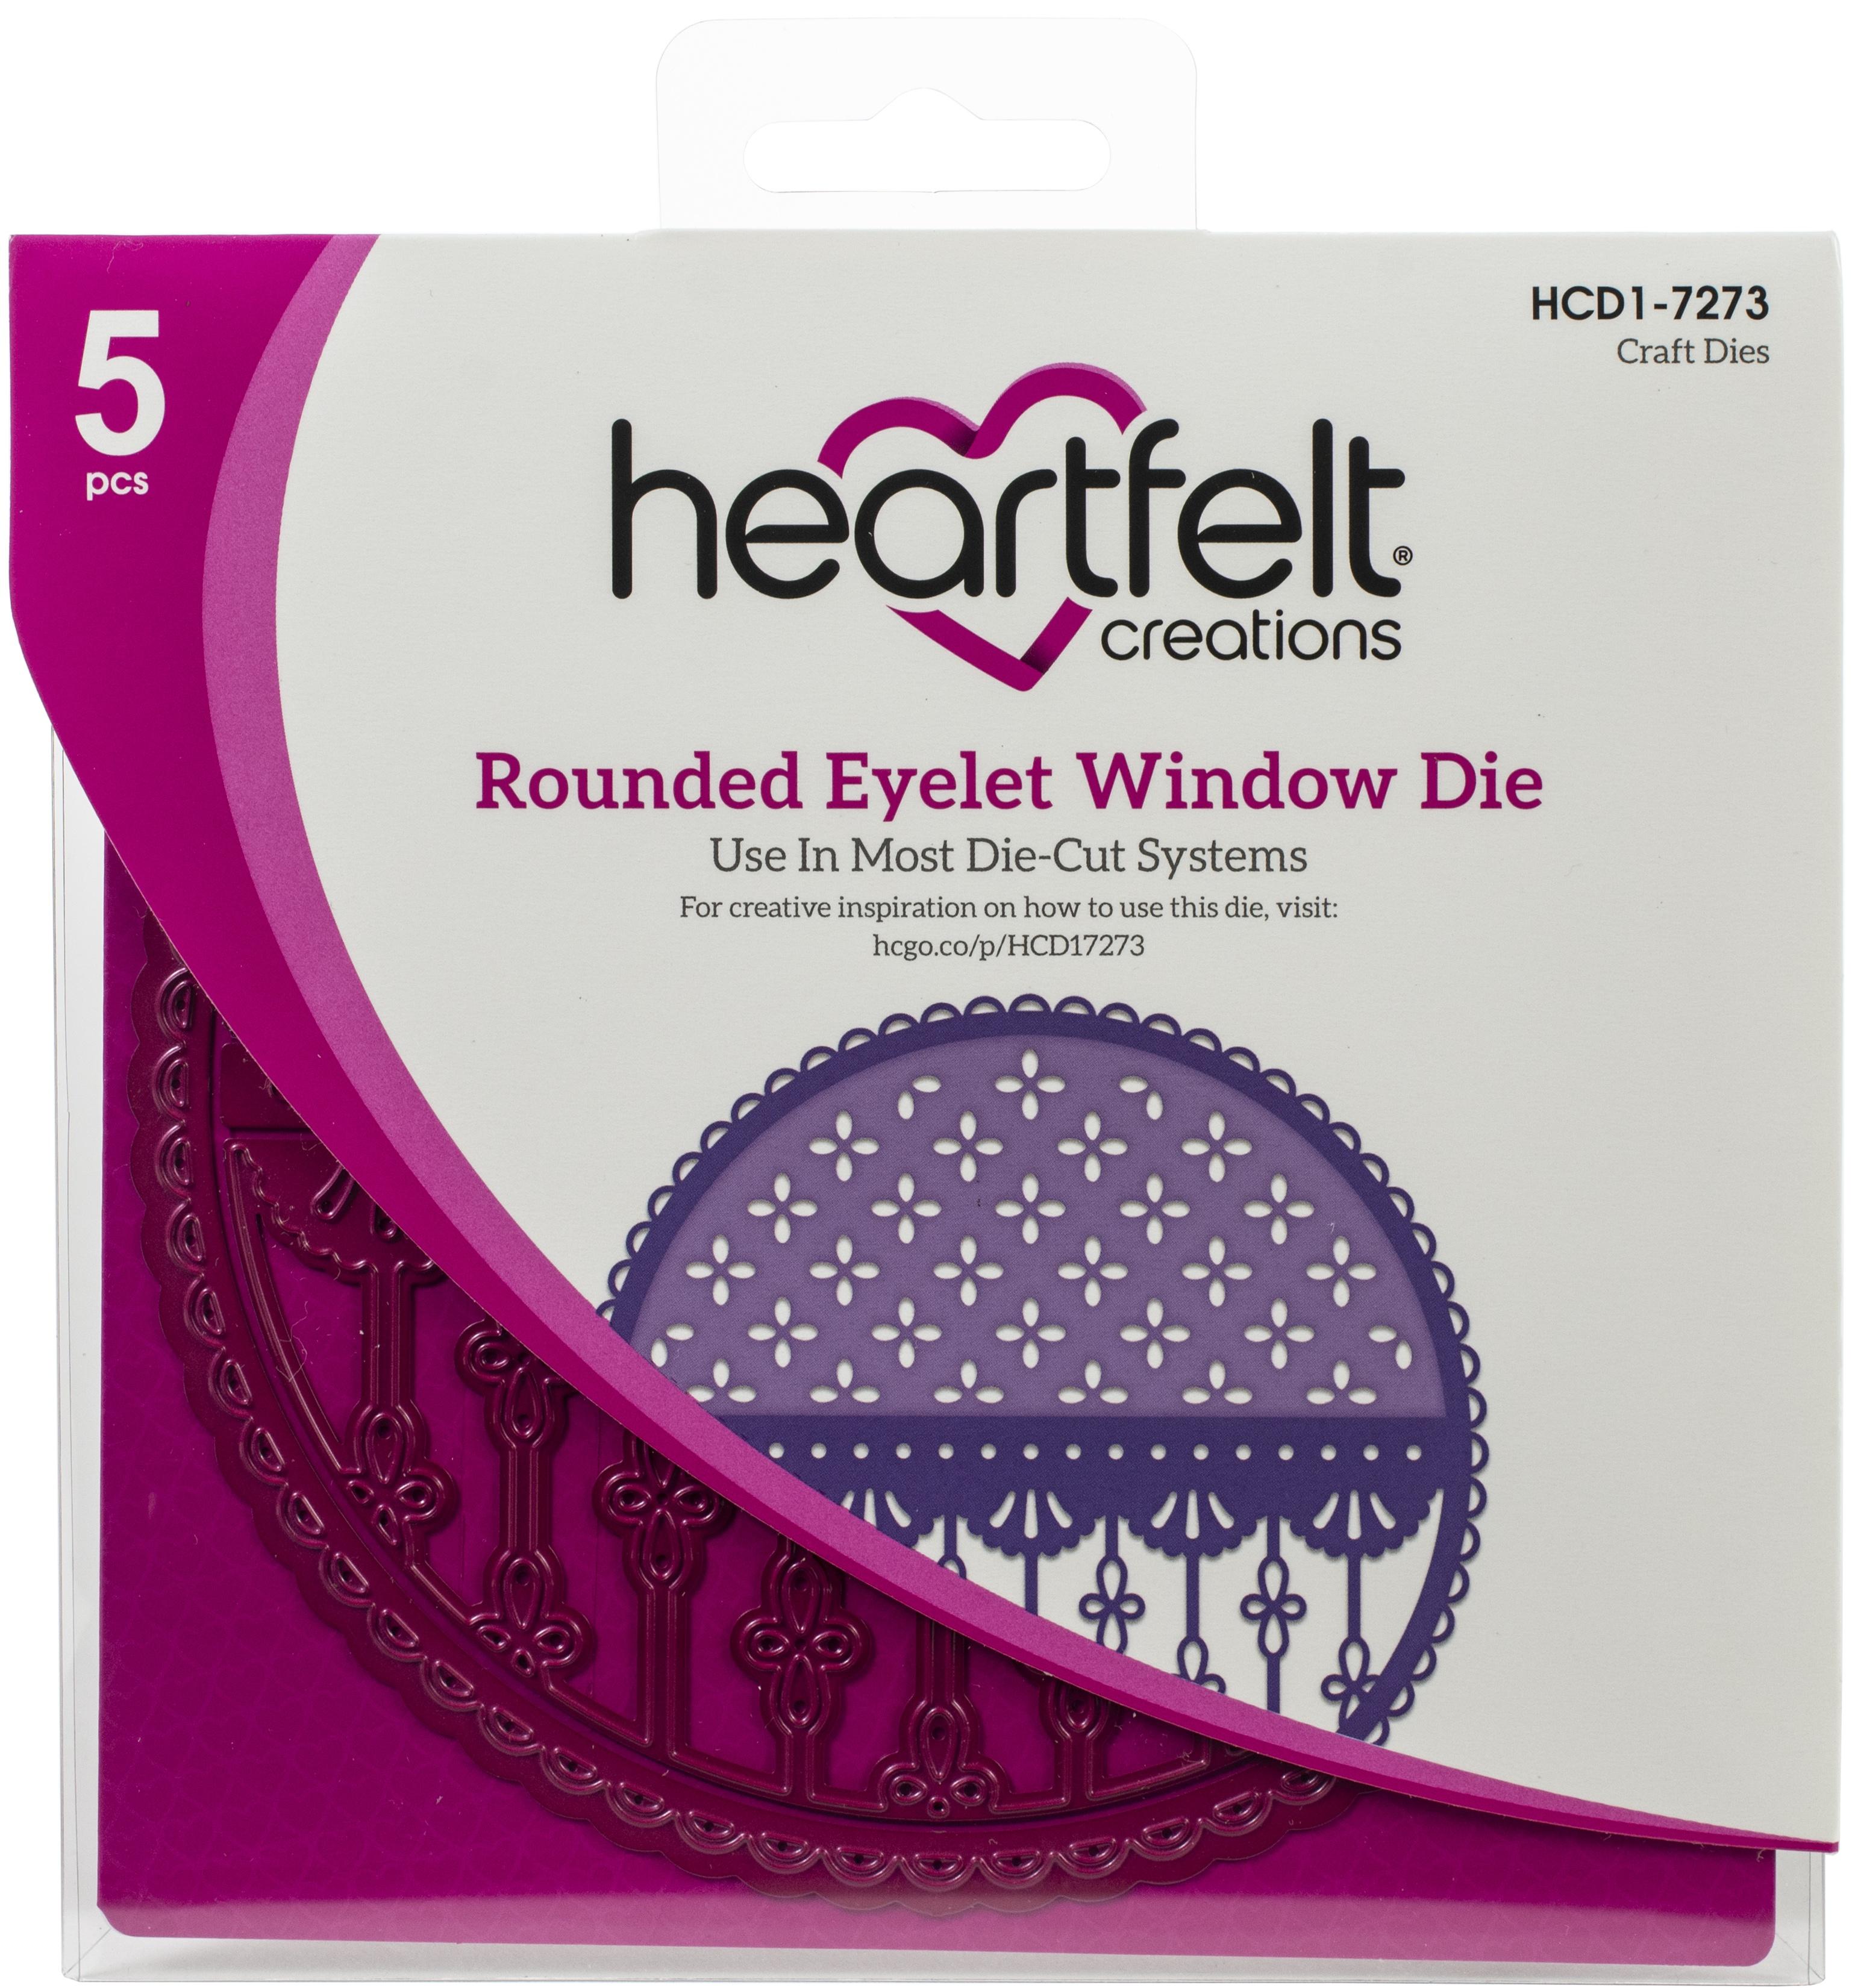 Rounded Eyelet Window Die